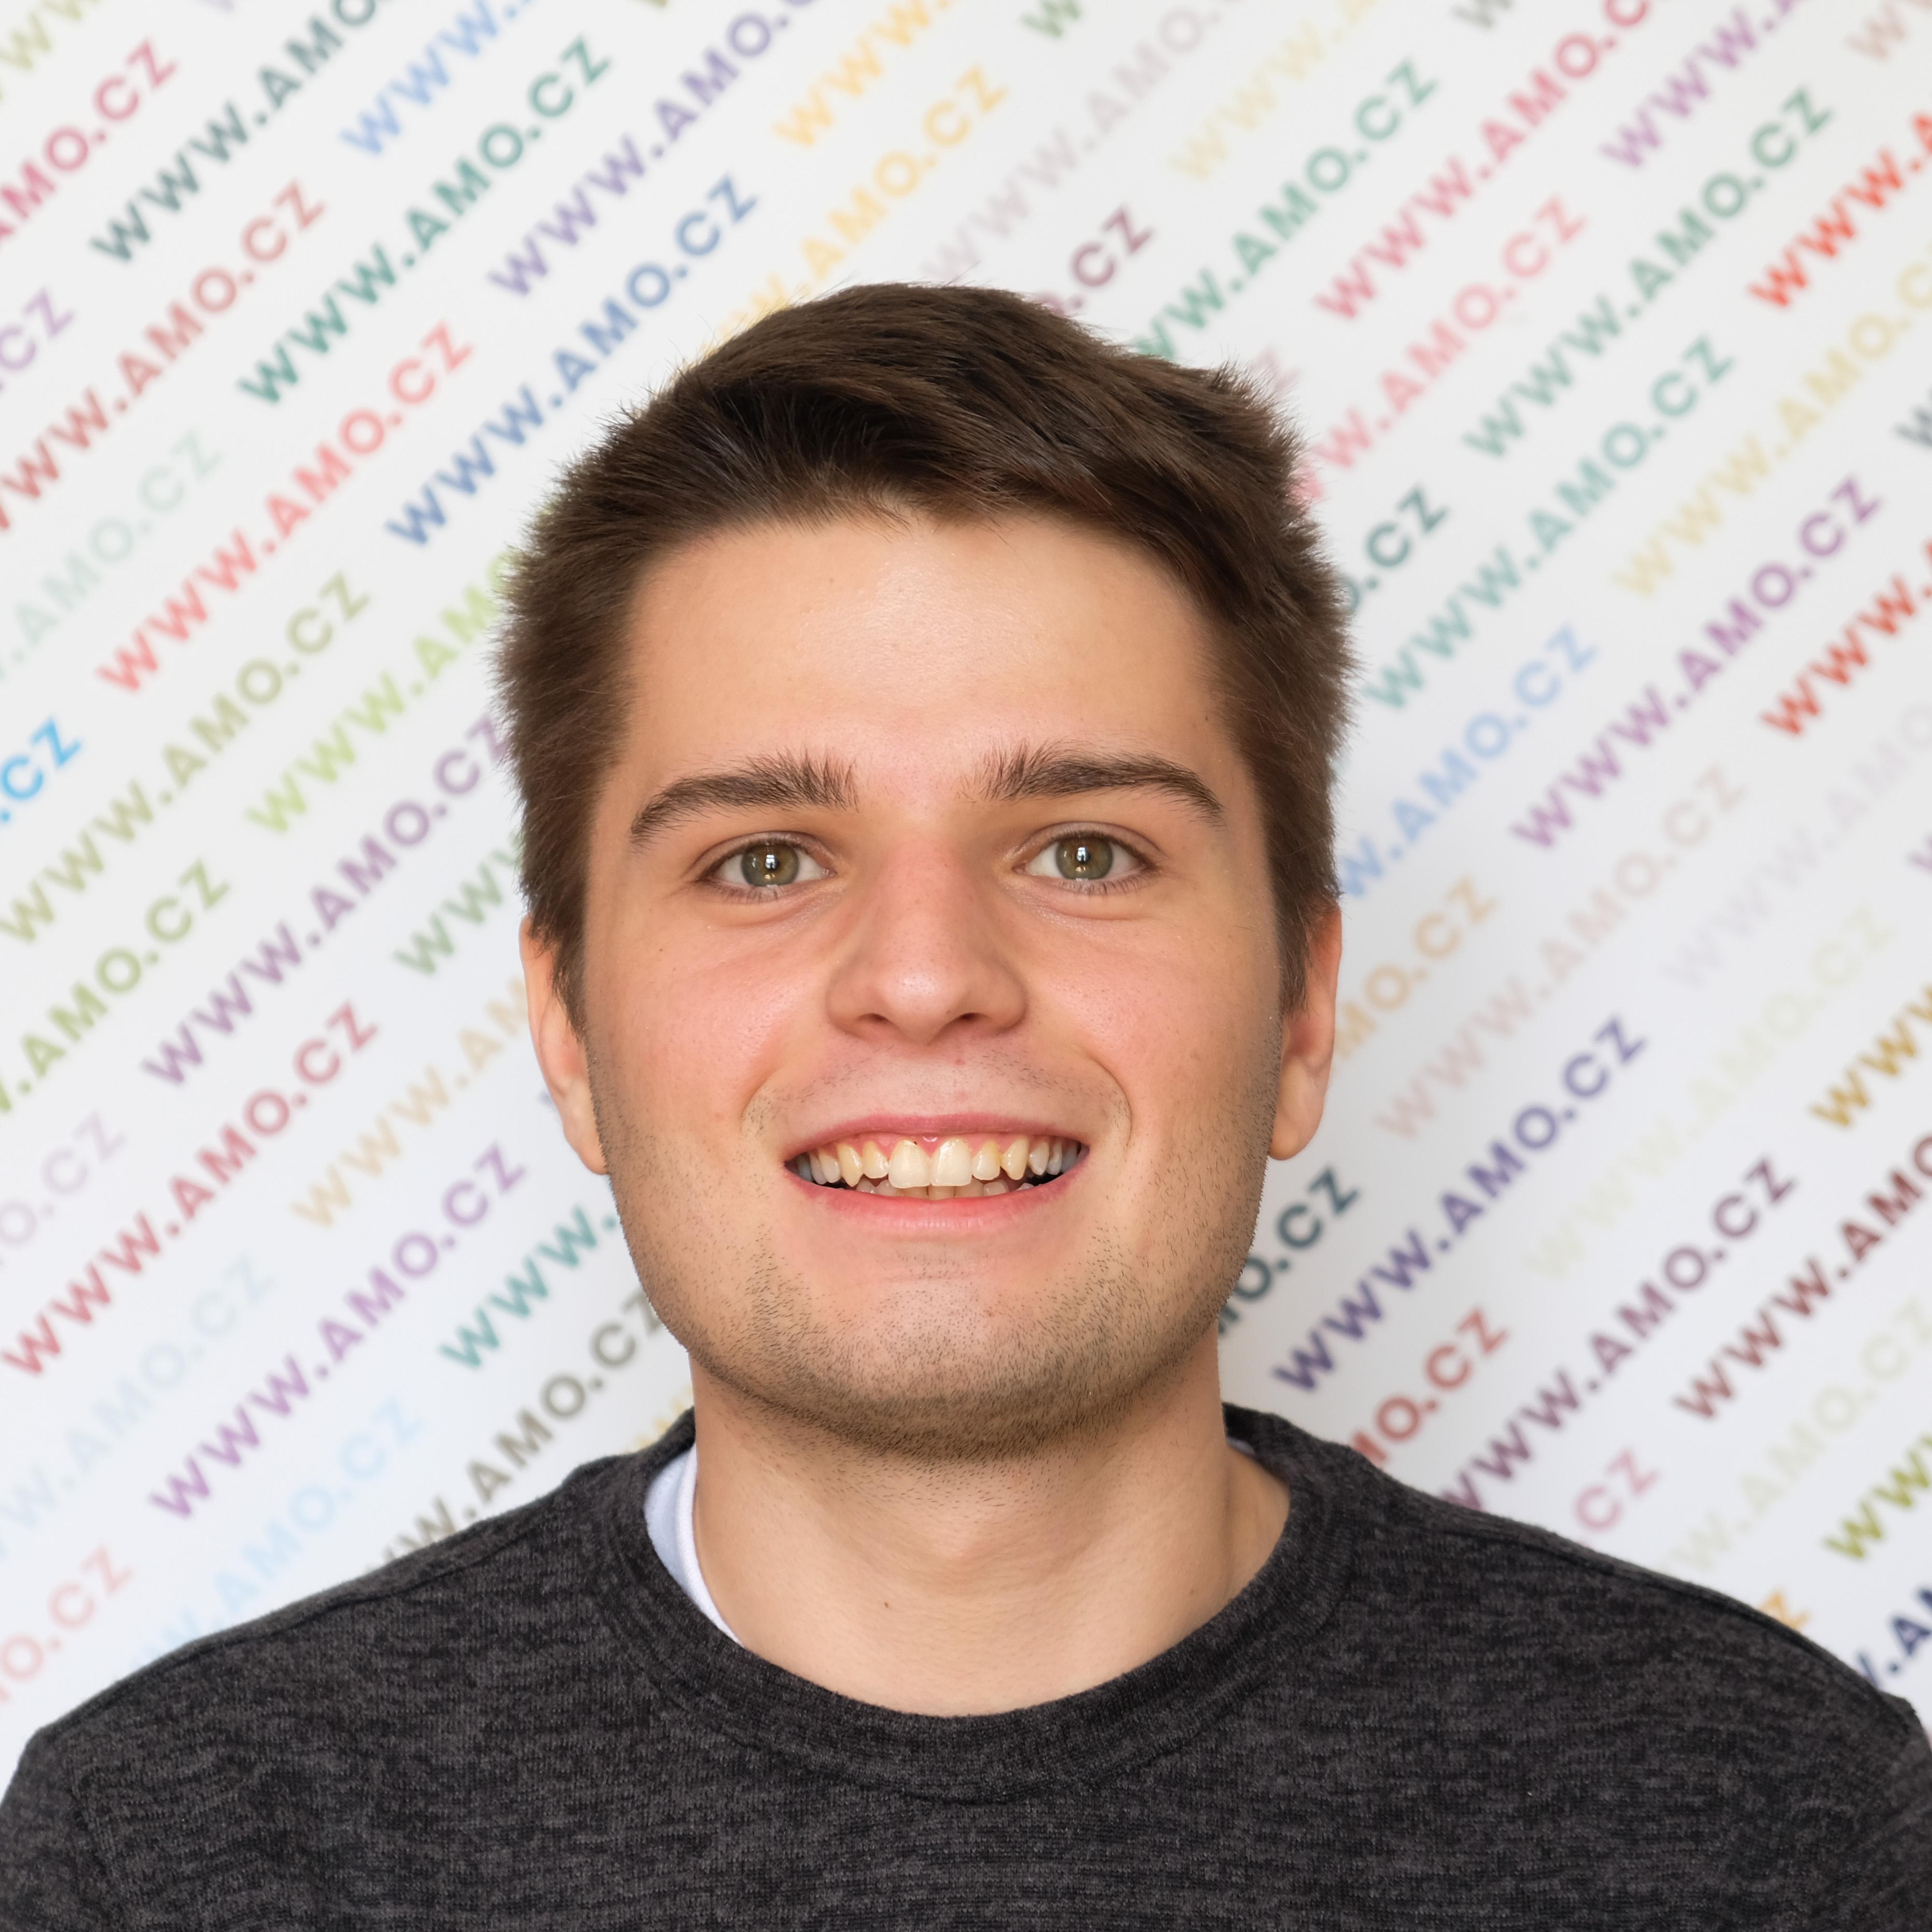 Martin Blecha